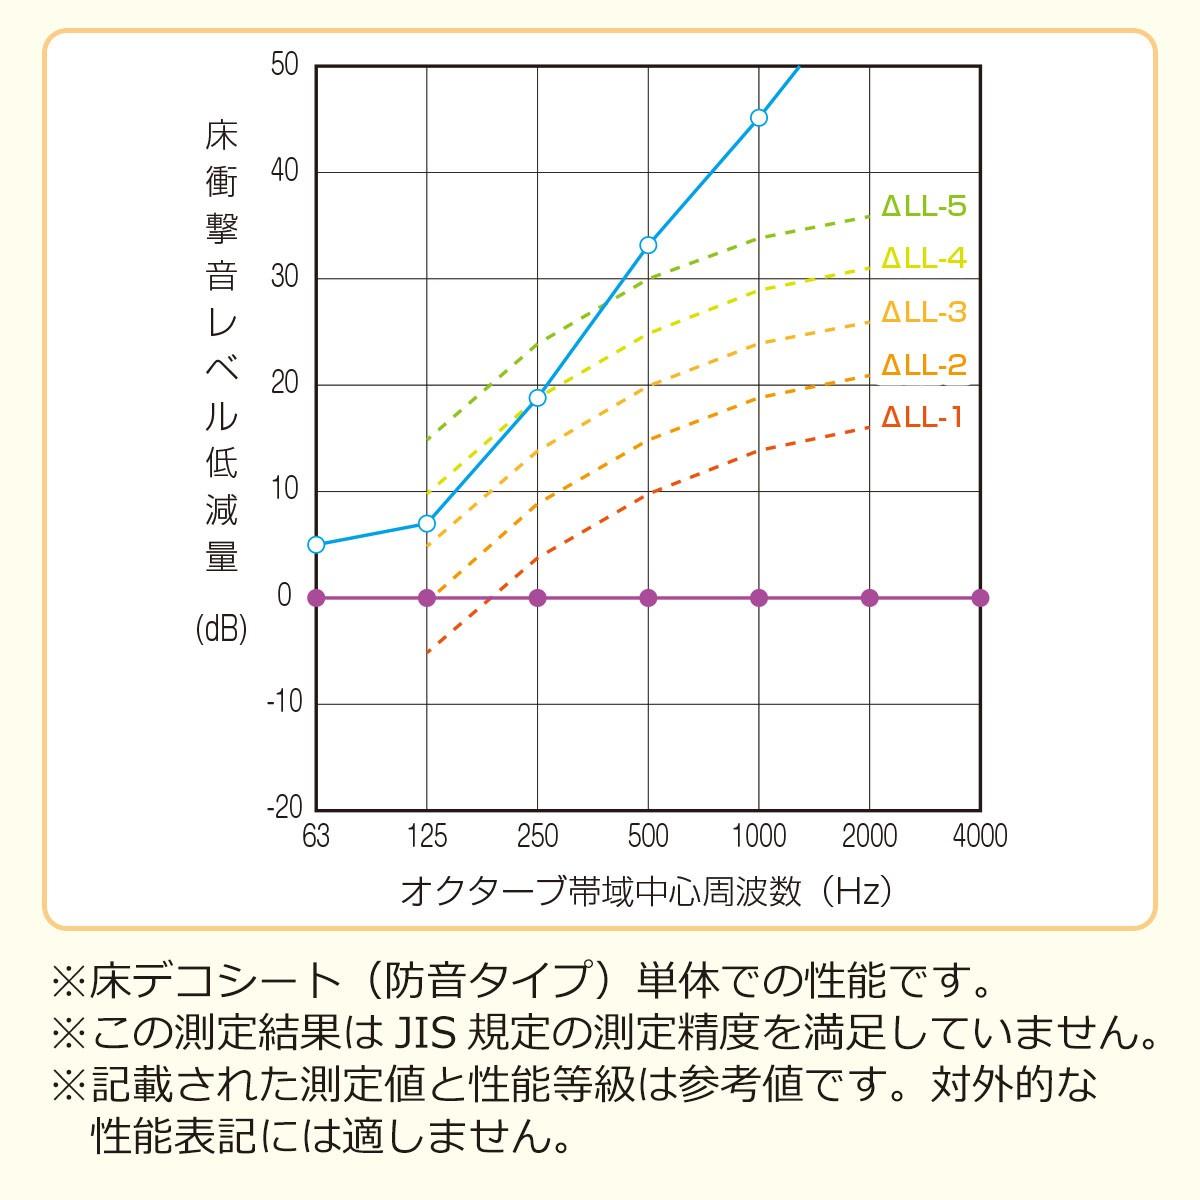 床衝撃音レベル低減量 ※床デコシート(防音タイプ)単体での性能です ※この測定結果はJIS規定の測定精度を満足していません ※記載された測定値と性能等級は参考値です。対外的な性能表記には適しません